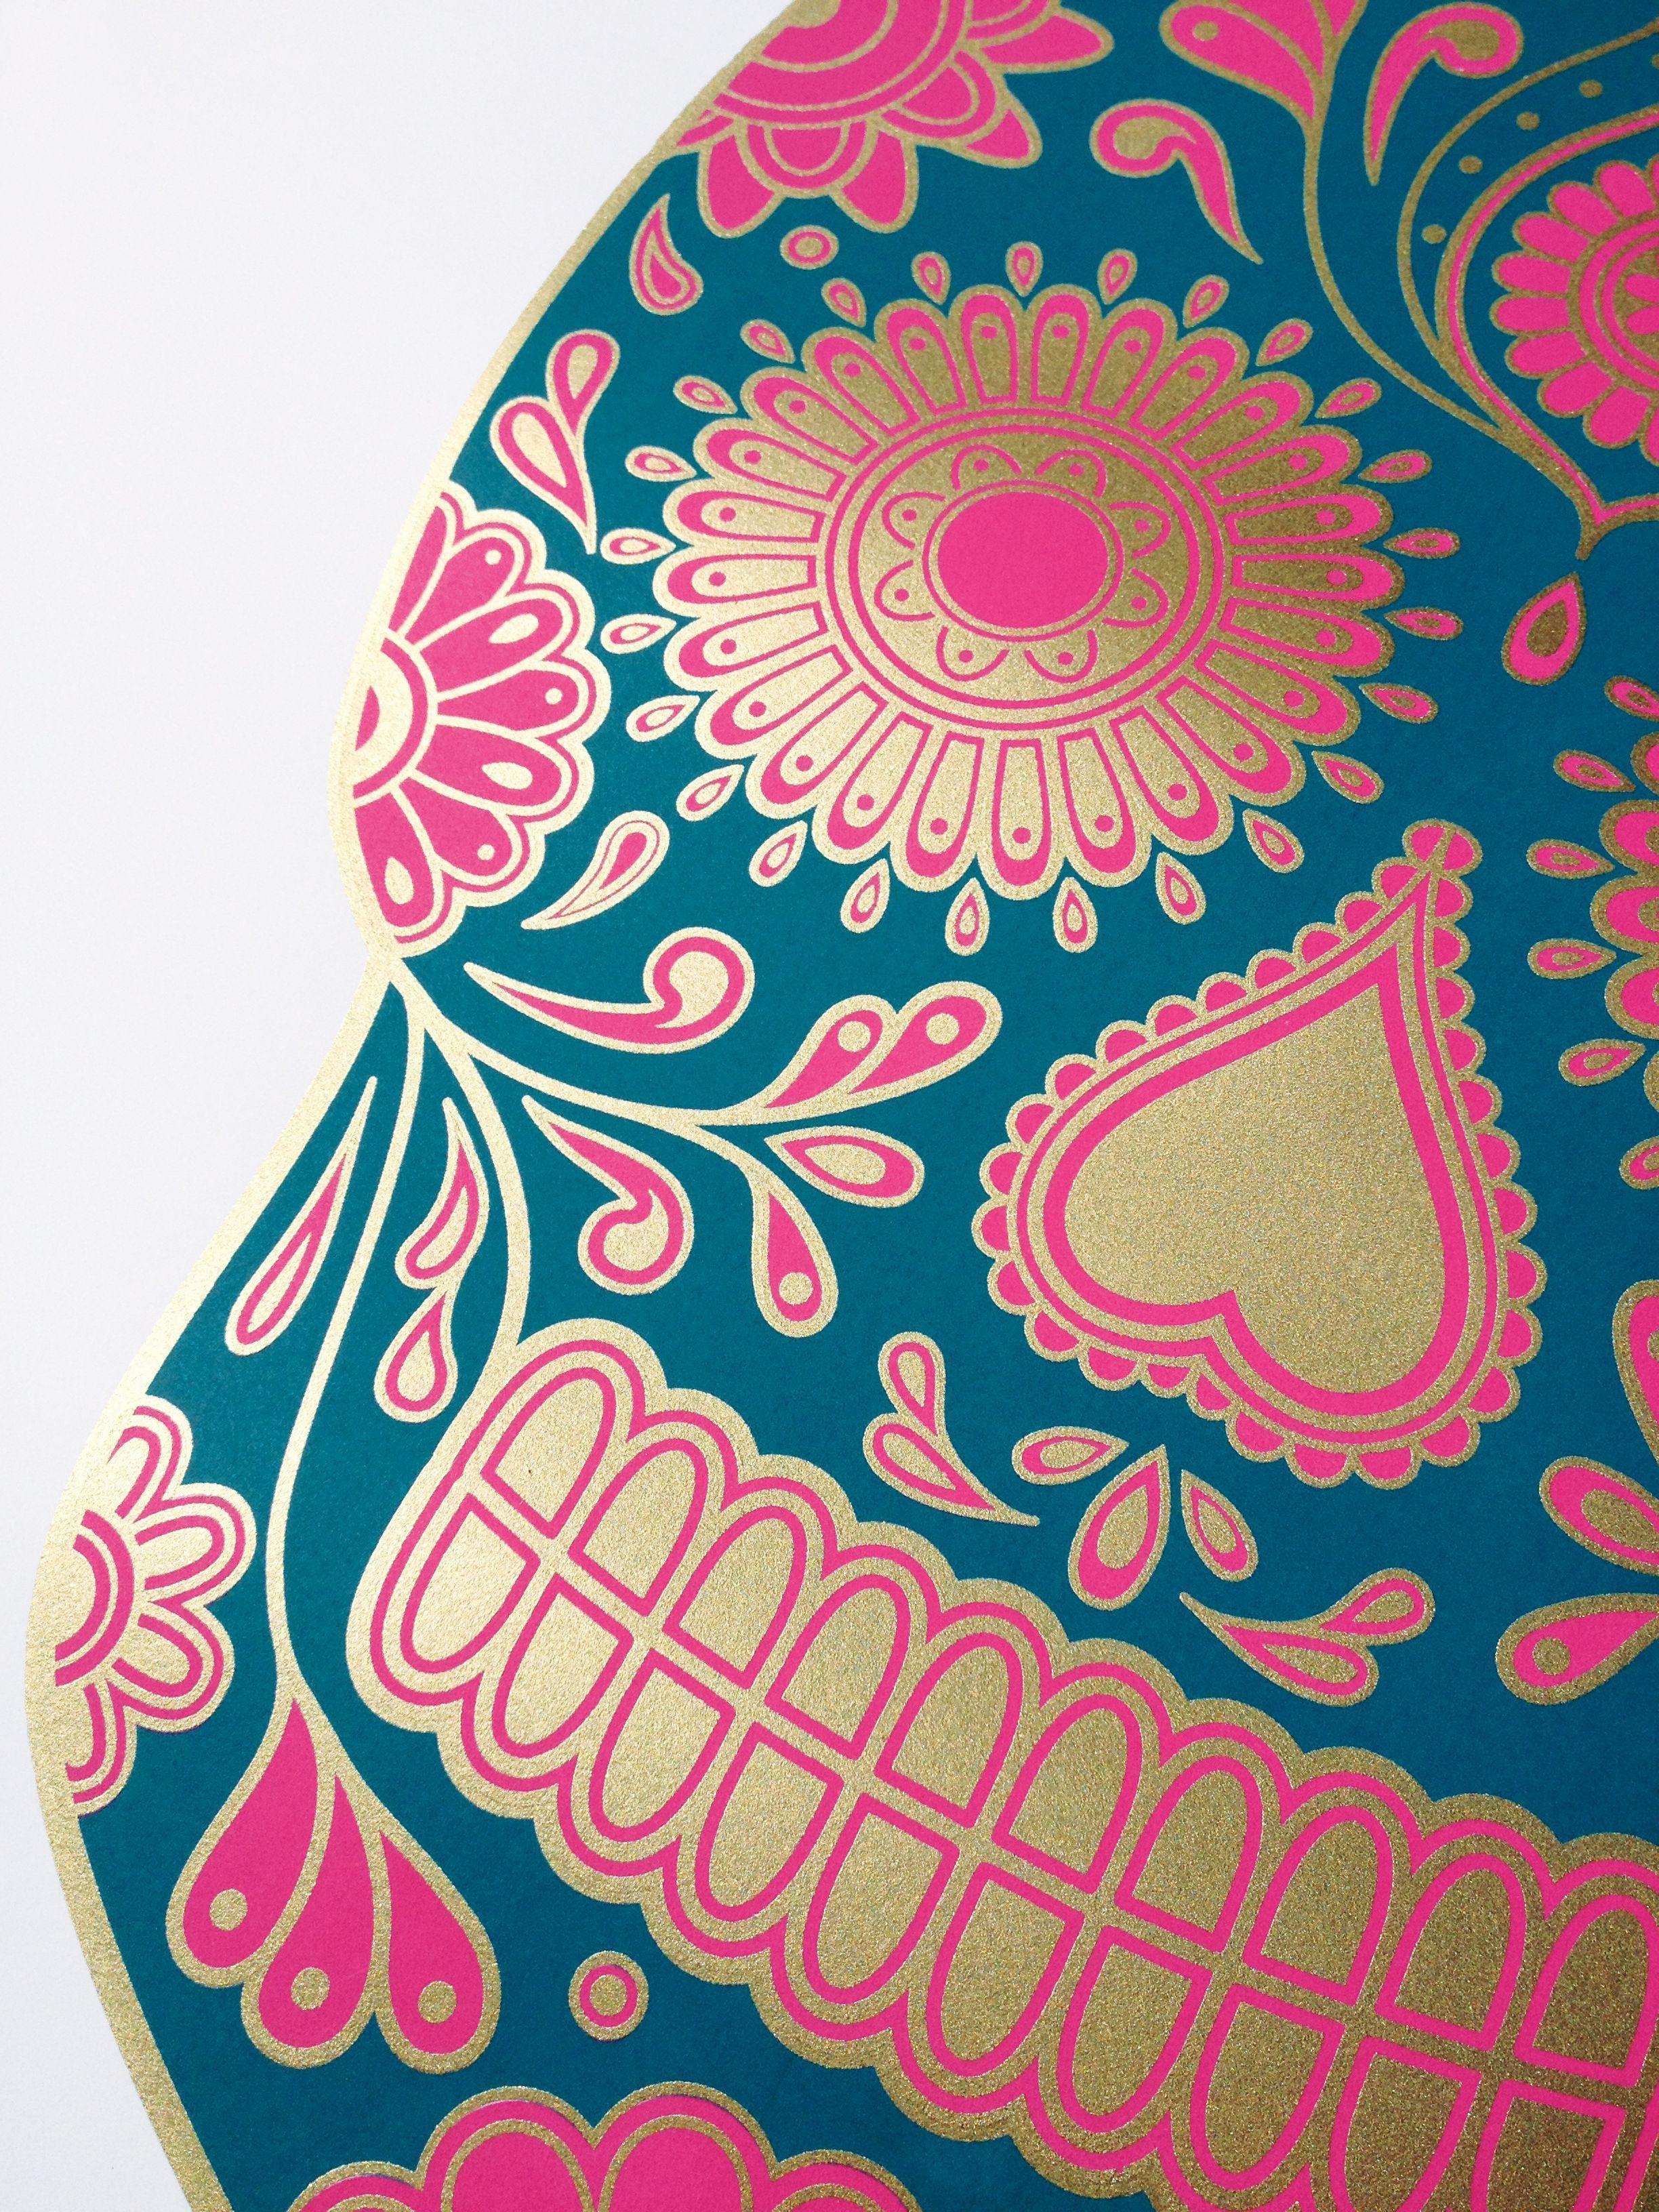 Sugar skull wallpapers wallpaper cave - Sugar skull background ...